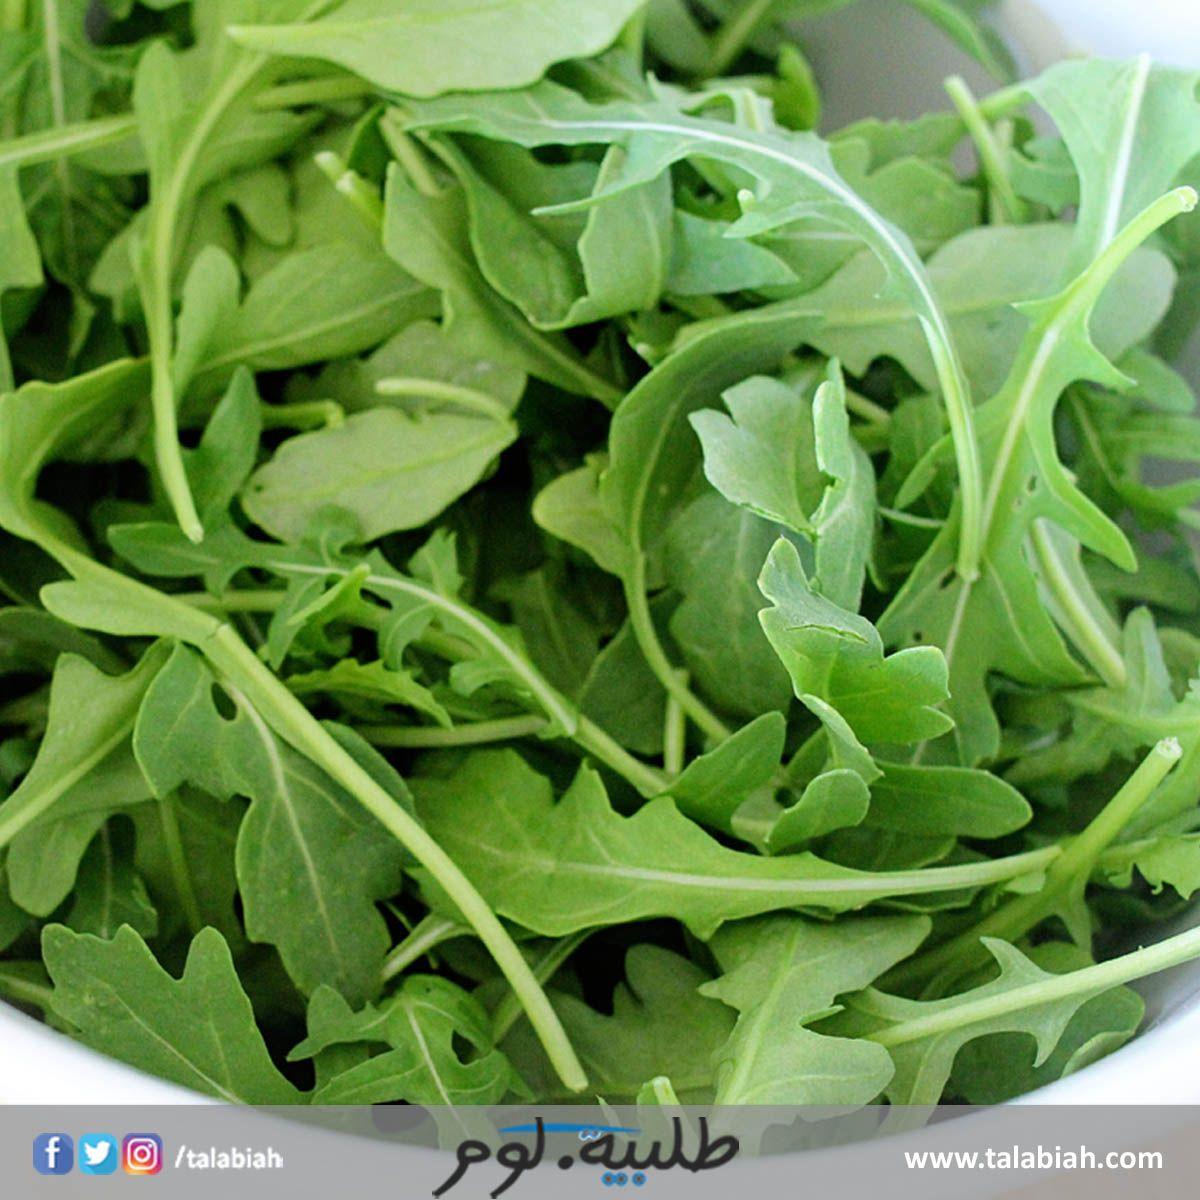 نبات الجرجير له القدرة على خفض ضغط الدم المرتفع ومنع تجلط الدم والأوعية الدموية كما أنه يساعد على الوقاية من تصلب الشرايين Vegetables Food Spinach